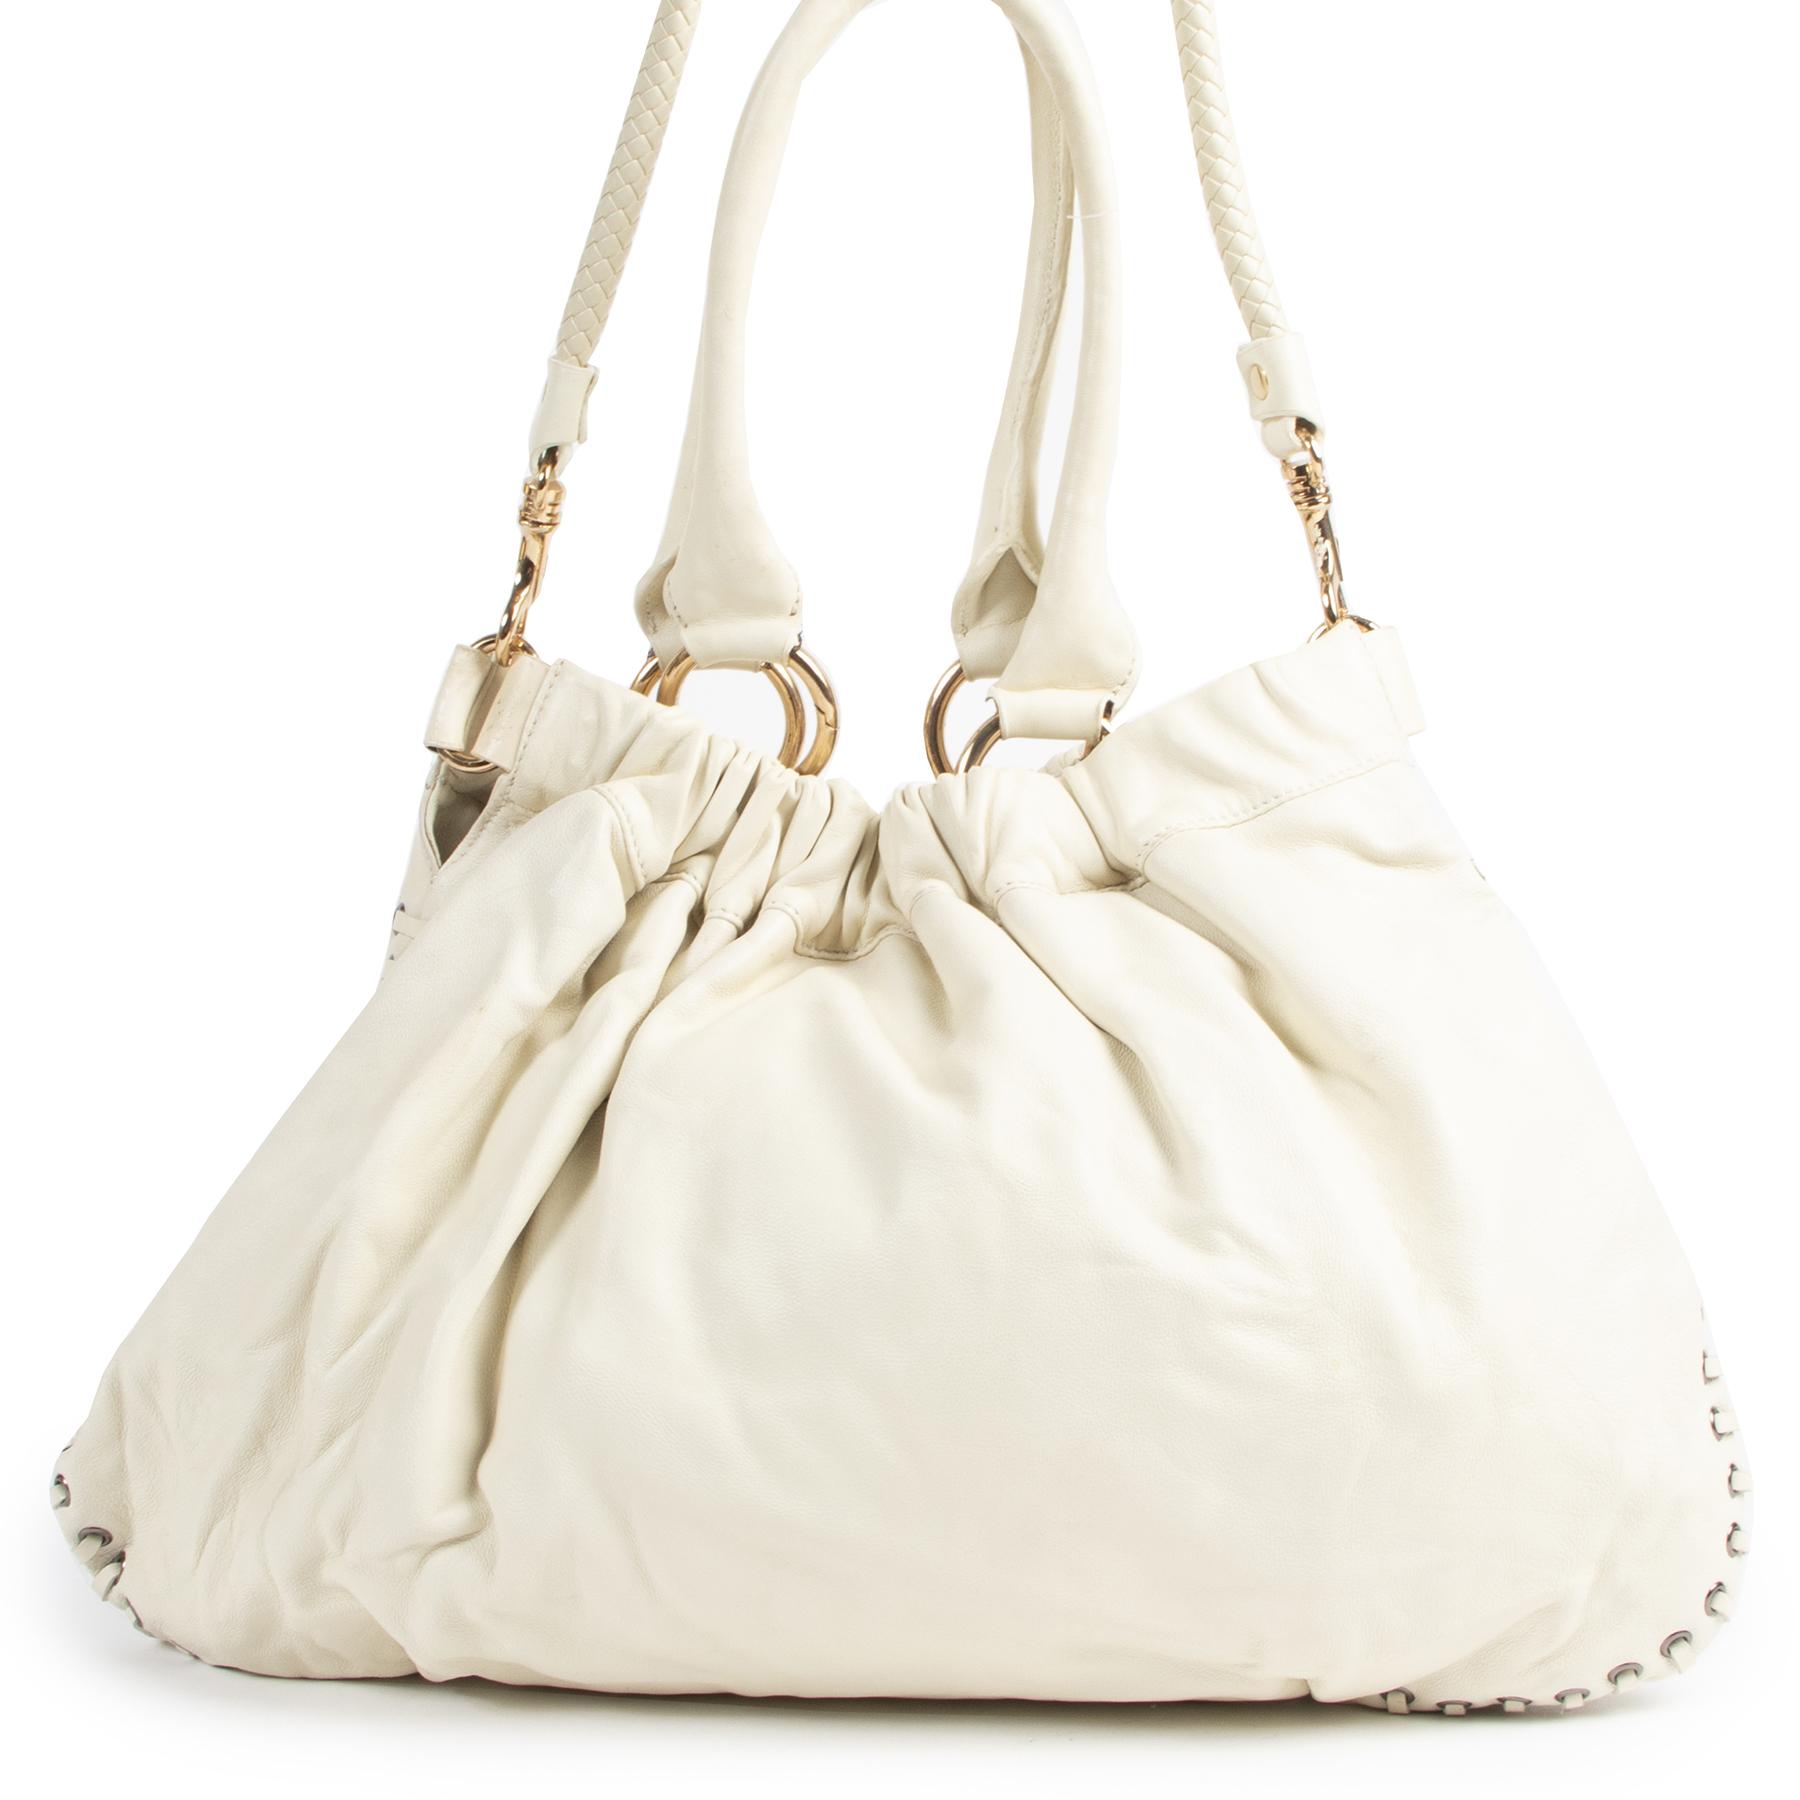 Authentieke Tweedehands Miu Miu White Studded Leather Shoulder Bag juiste prijs veilig online shoppen luxe merken webshop winkelen Antwerpen België mode fashion